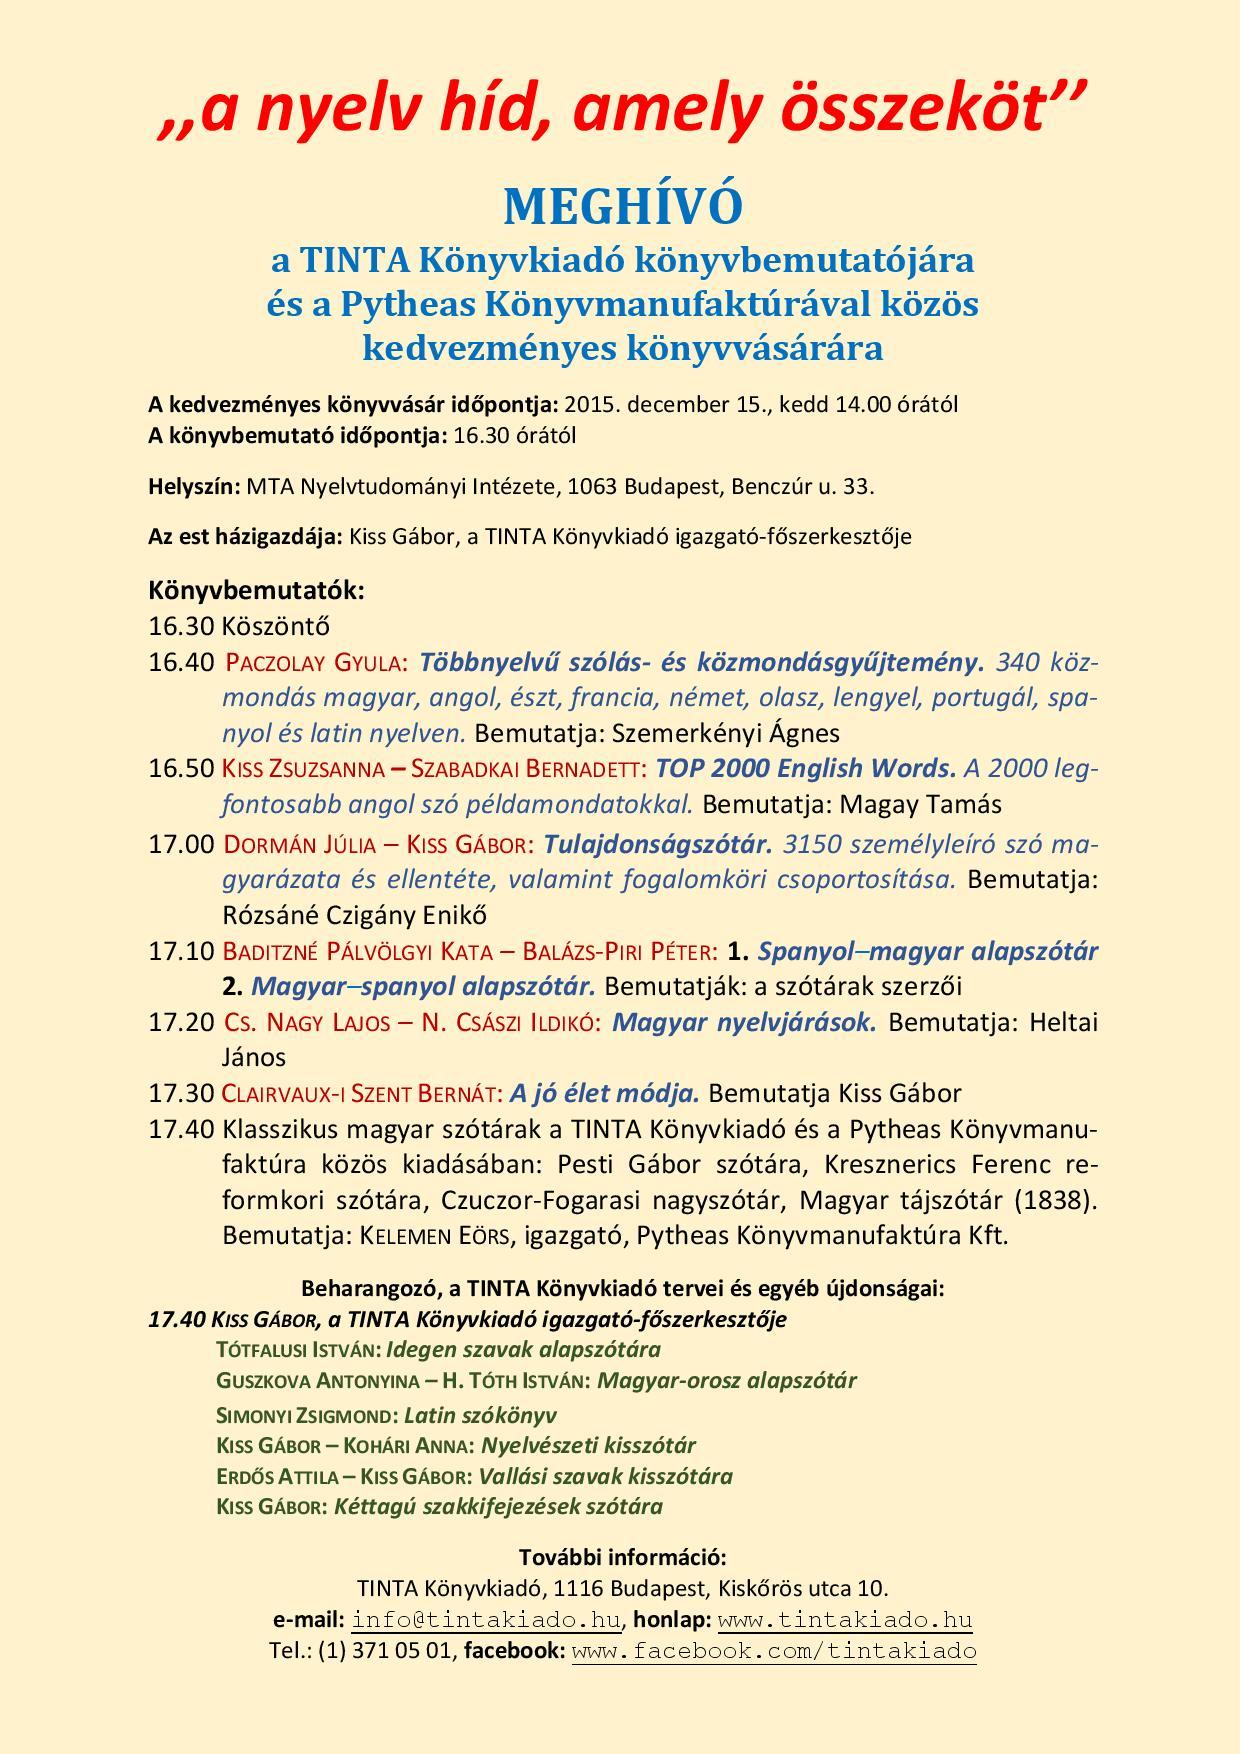 01-tinta-konyvbemutato-meghivo-2015-12-15-page-001.jpg